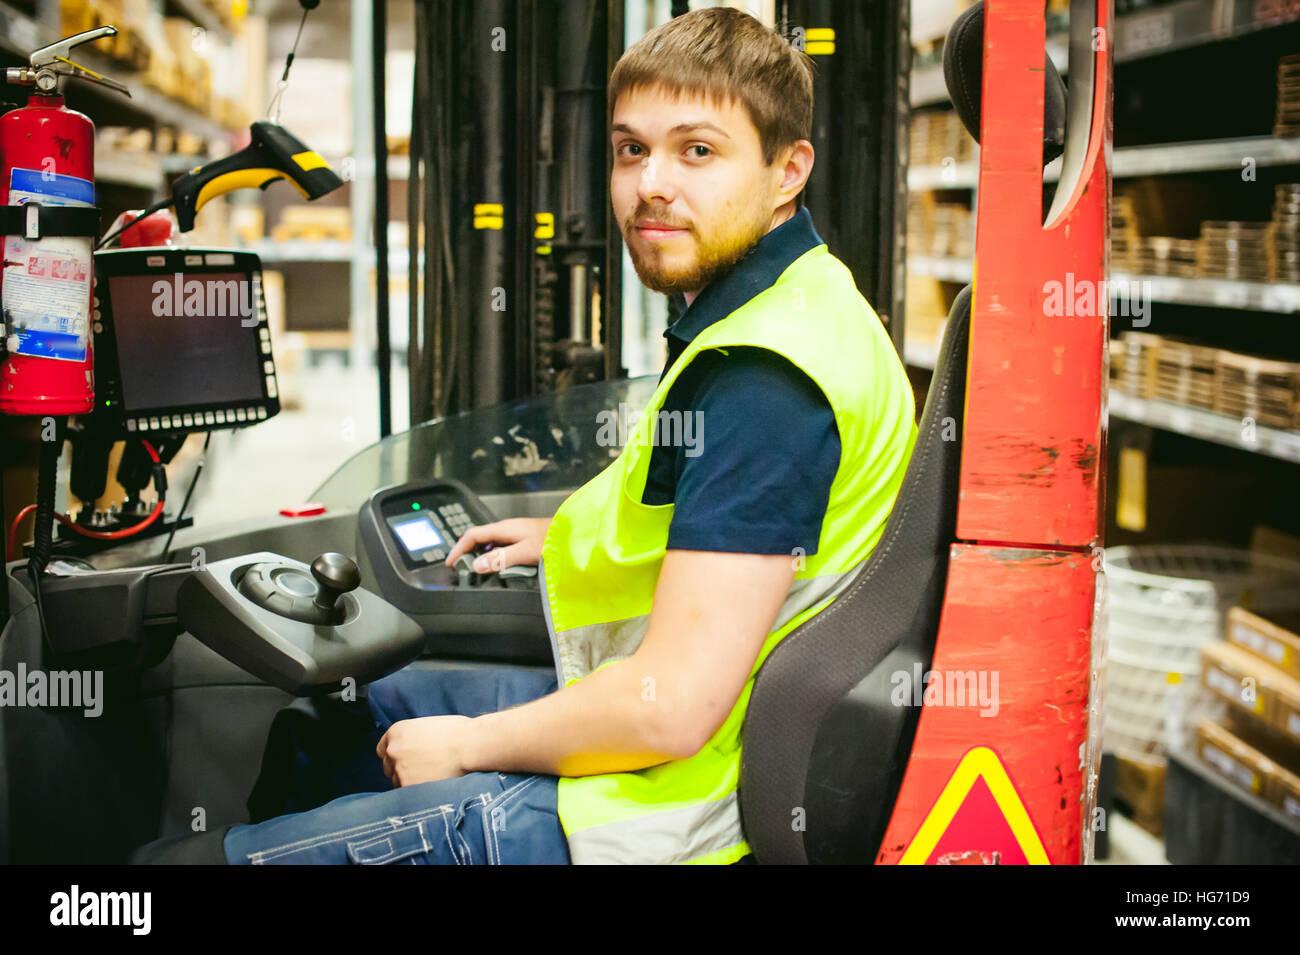 El hombre conductor Reachtruck ocupado trabajando almacén logístico store Imagen De Stock